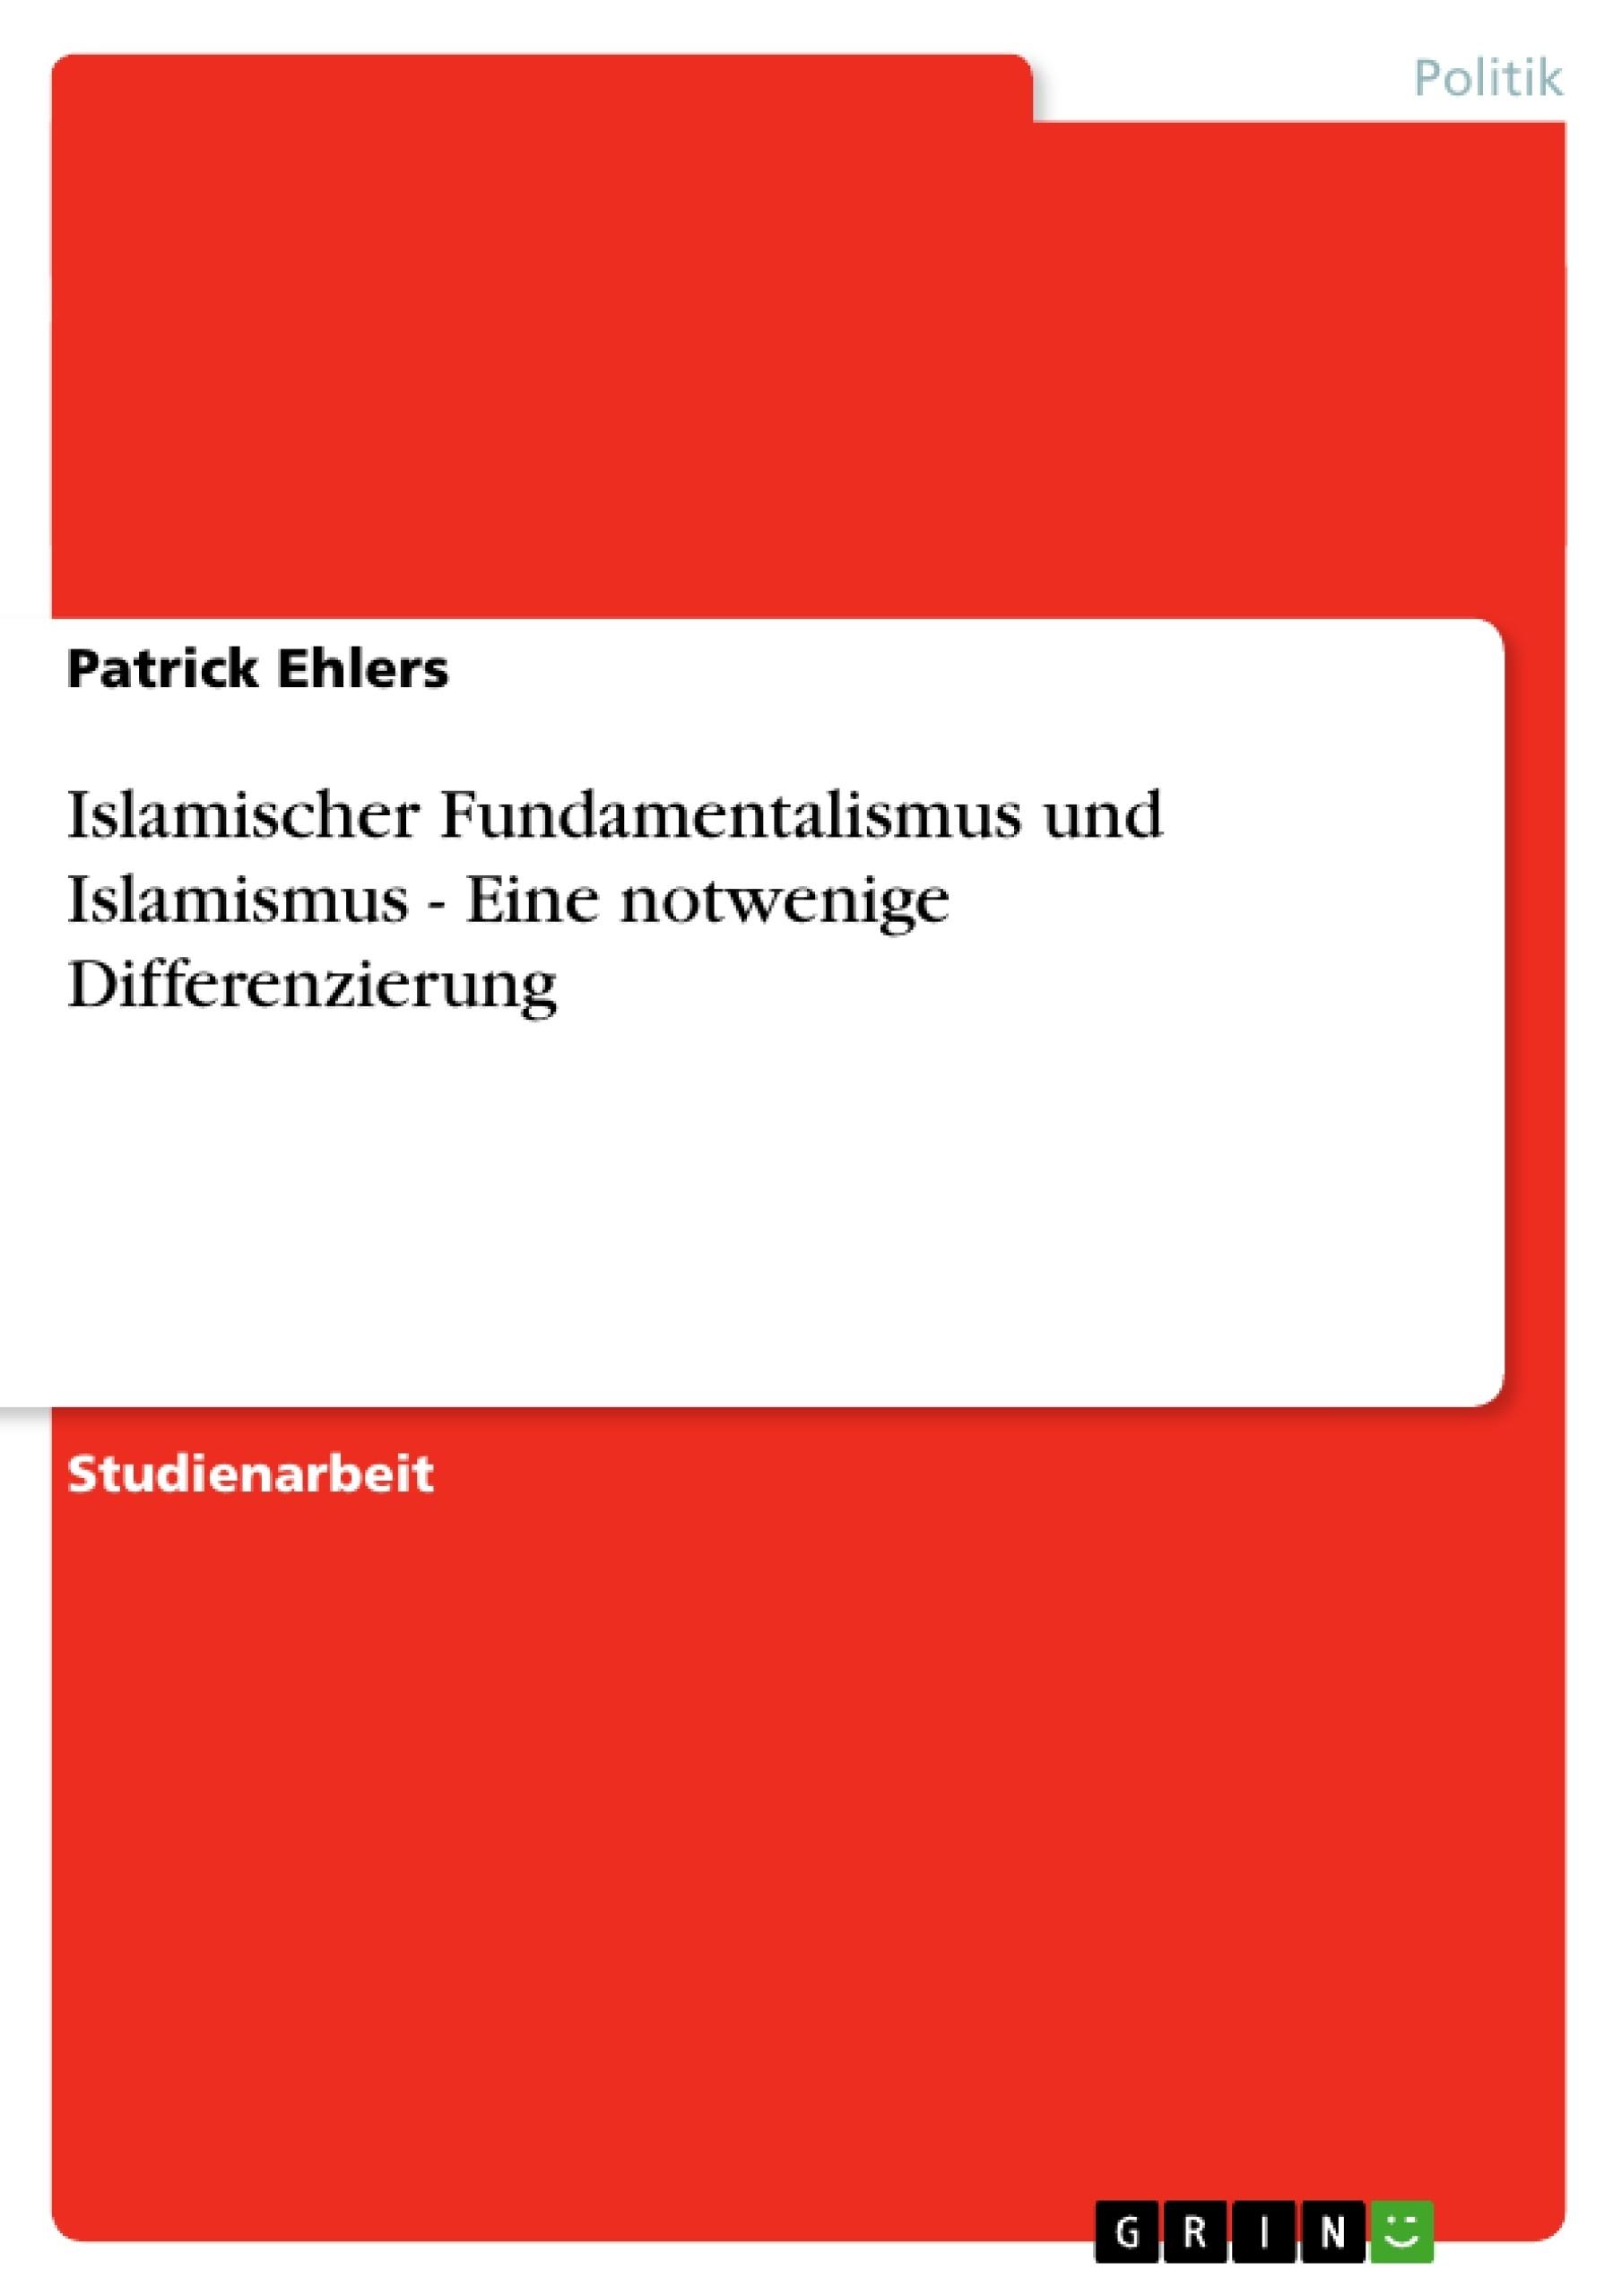 Titel: Islamischer Fundamentalismus und Islamismus - Eine notwenige Differenzierung